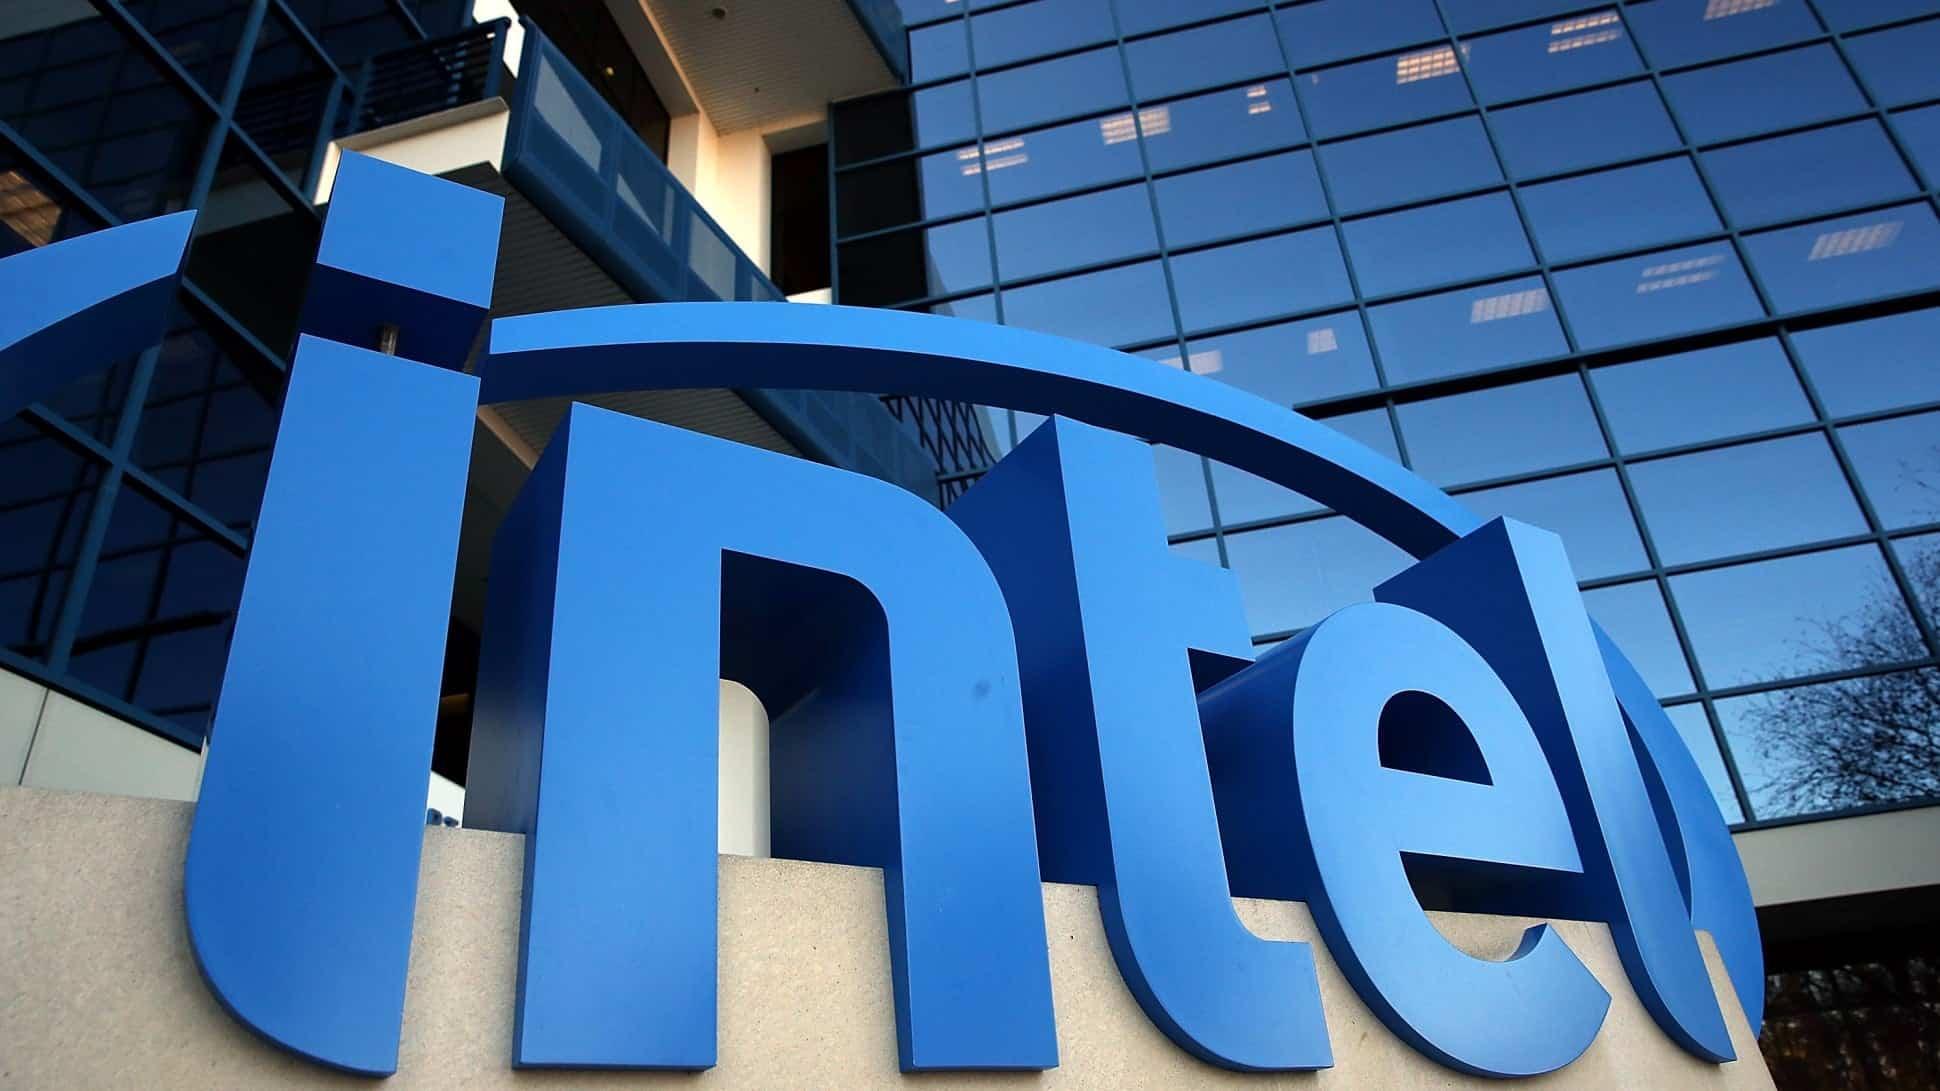 Descobertas novas falhas em processadores Intel